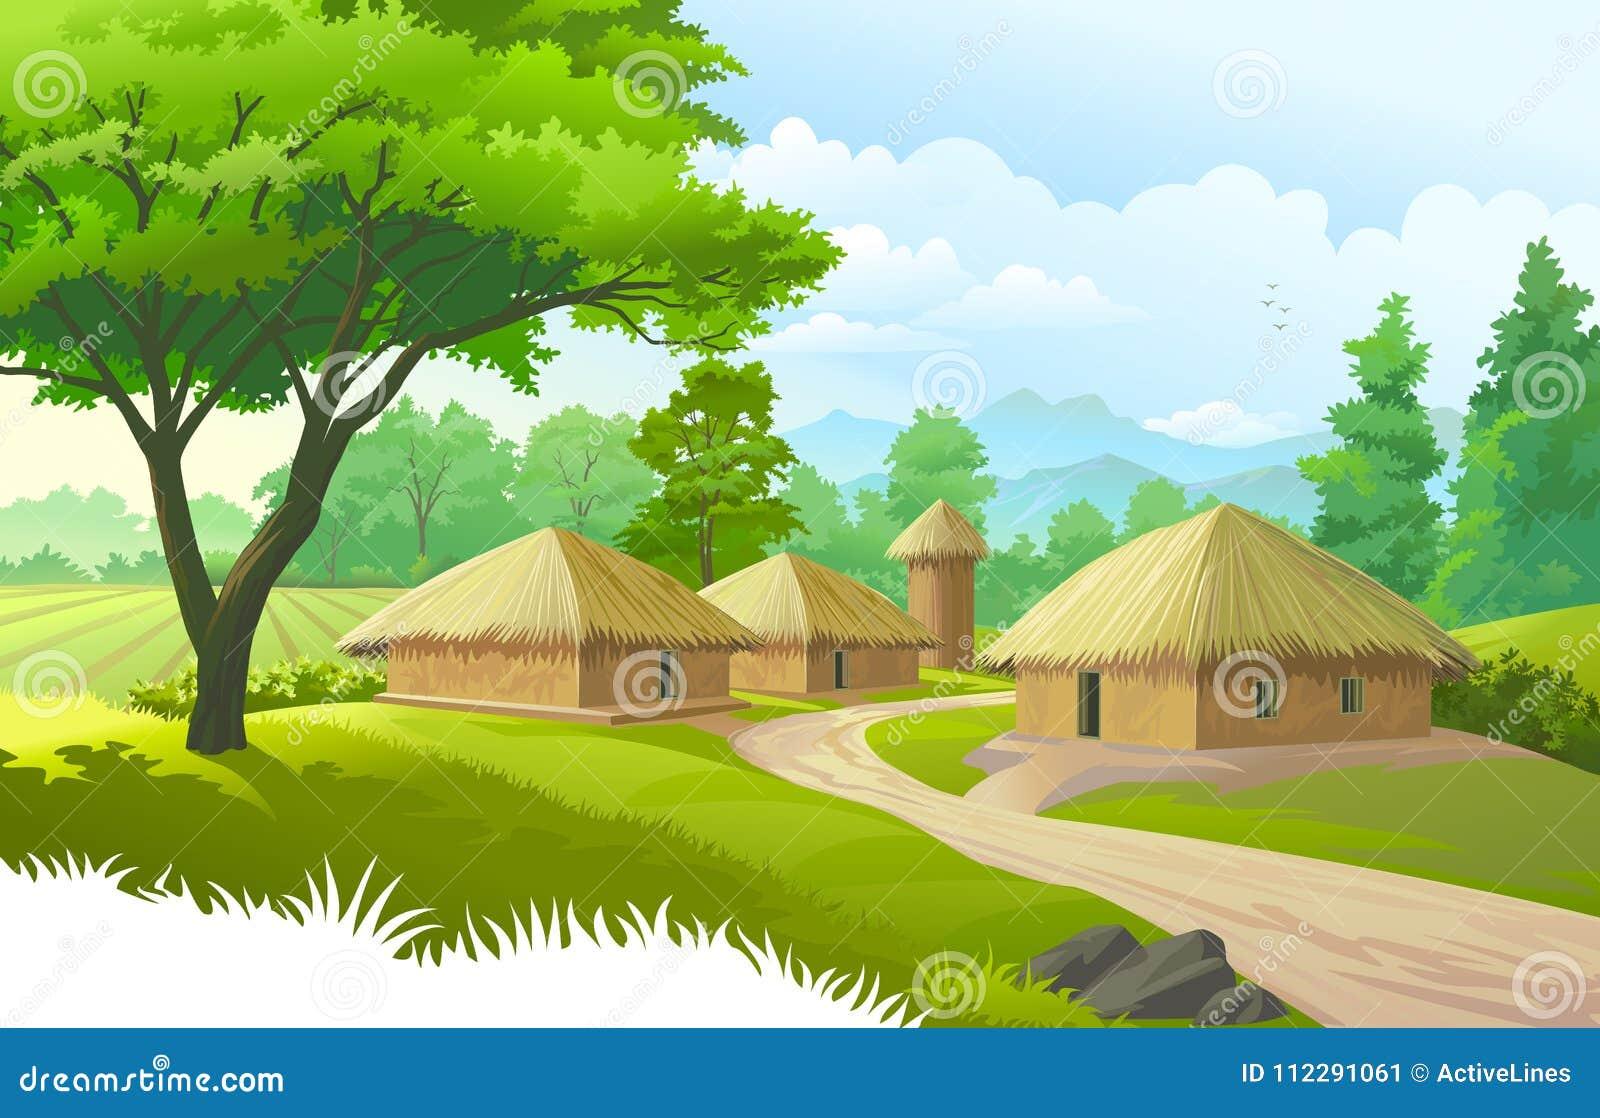 Ein schönes Dorf mit Ackerland, Bäume, Wiesen und mit Bergen im Hintergrund